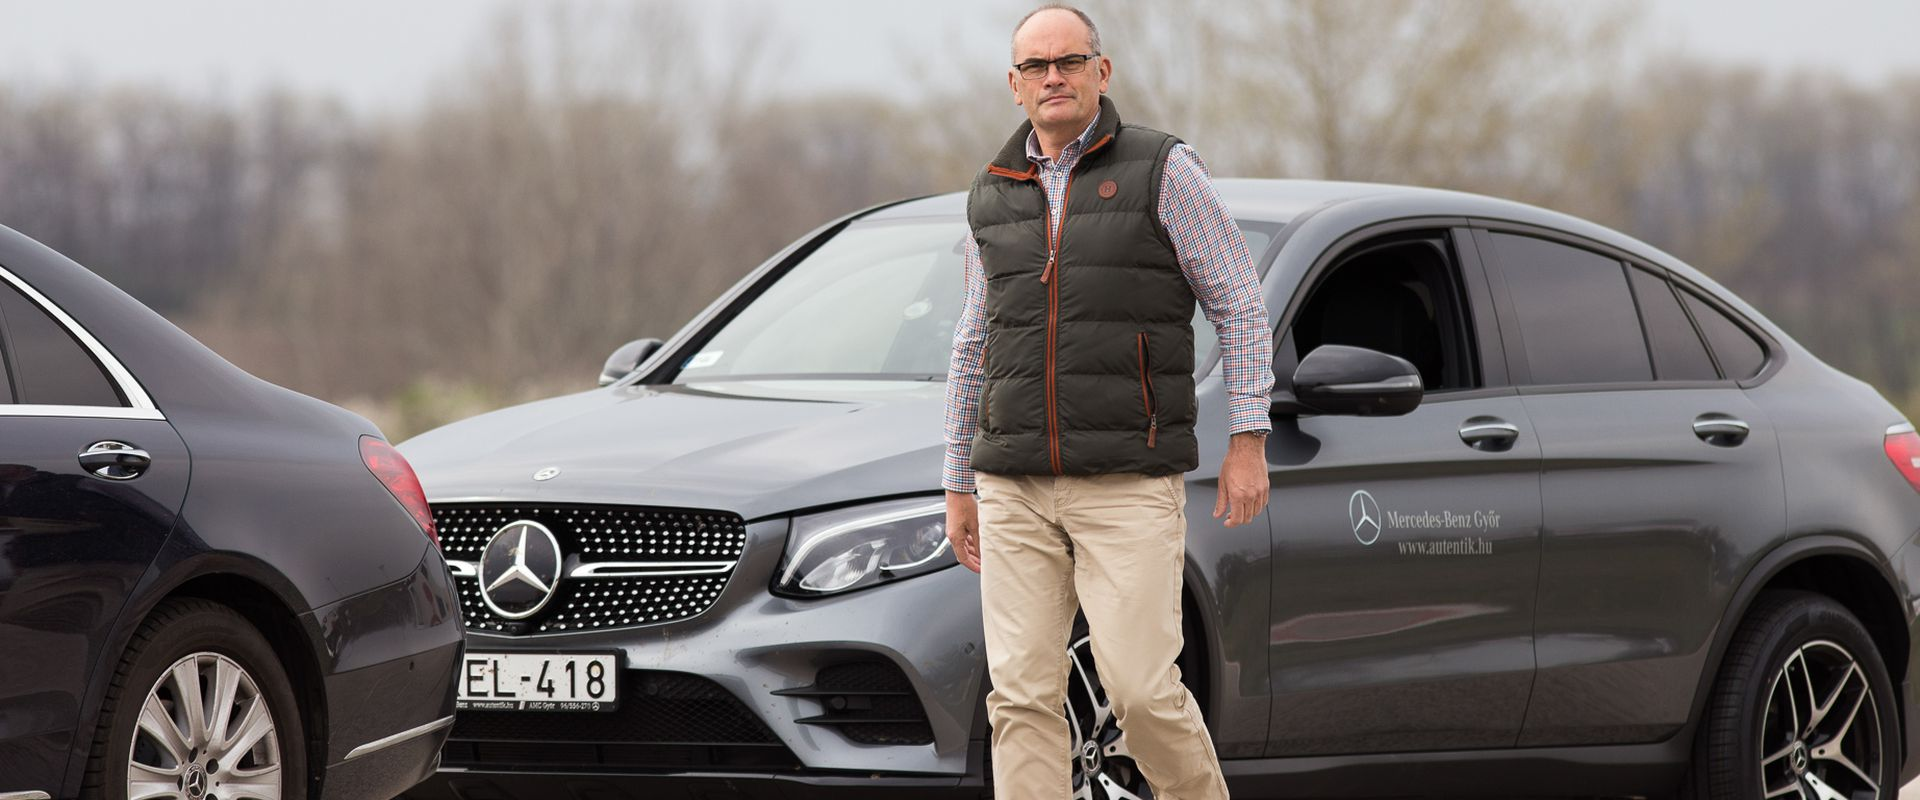 Gundel Takács Gábor - Márkanagykövet Mercedes-Benz